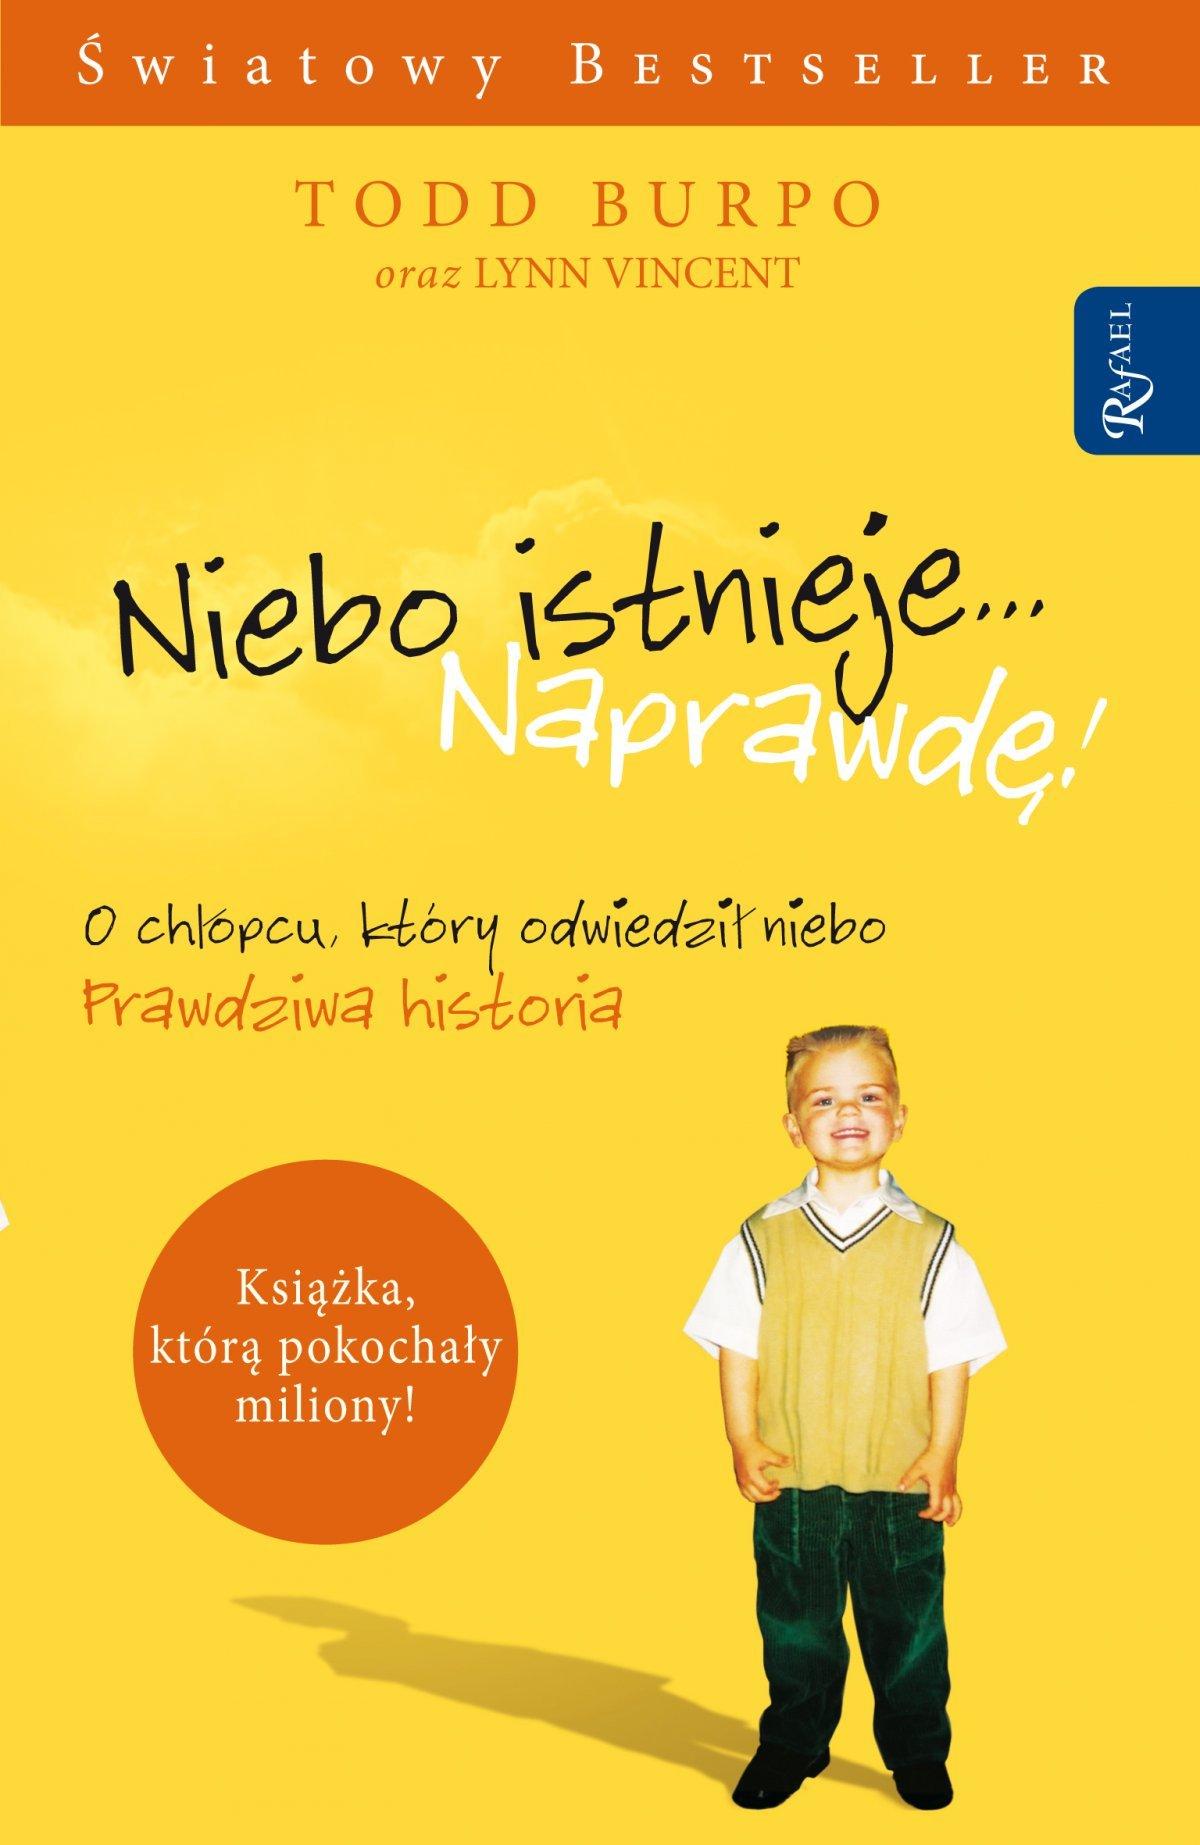 Niebo istnieje... Naprawdę! Niesamowita historia małego chłopca o wyprawie do nieba i z powrotem - Ebook (Książka EPUB) do pobrania w formacie EPUB